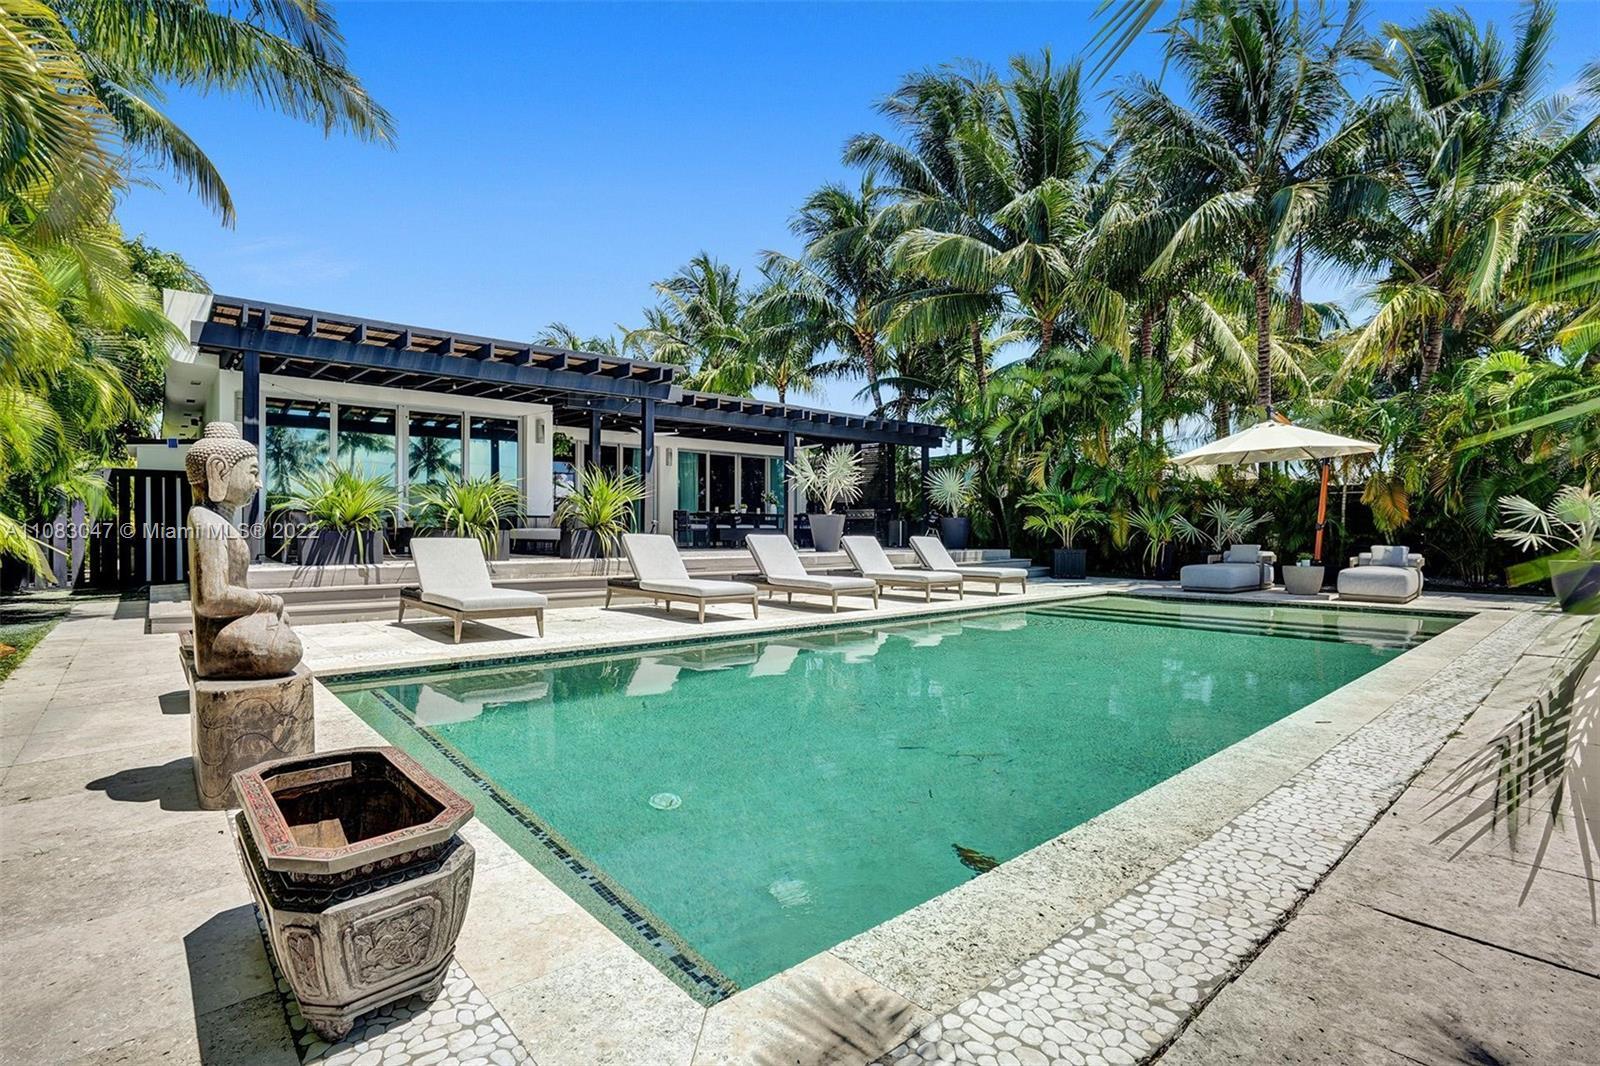 Isle of Normandy - 970 S Shore Dr, Miami Beach, FL 33141